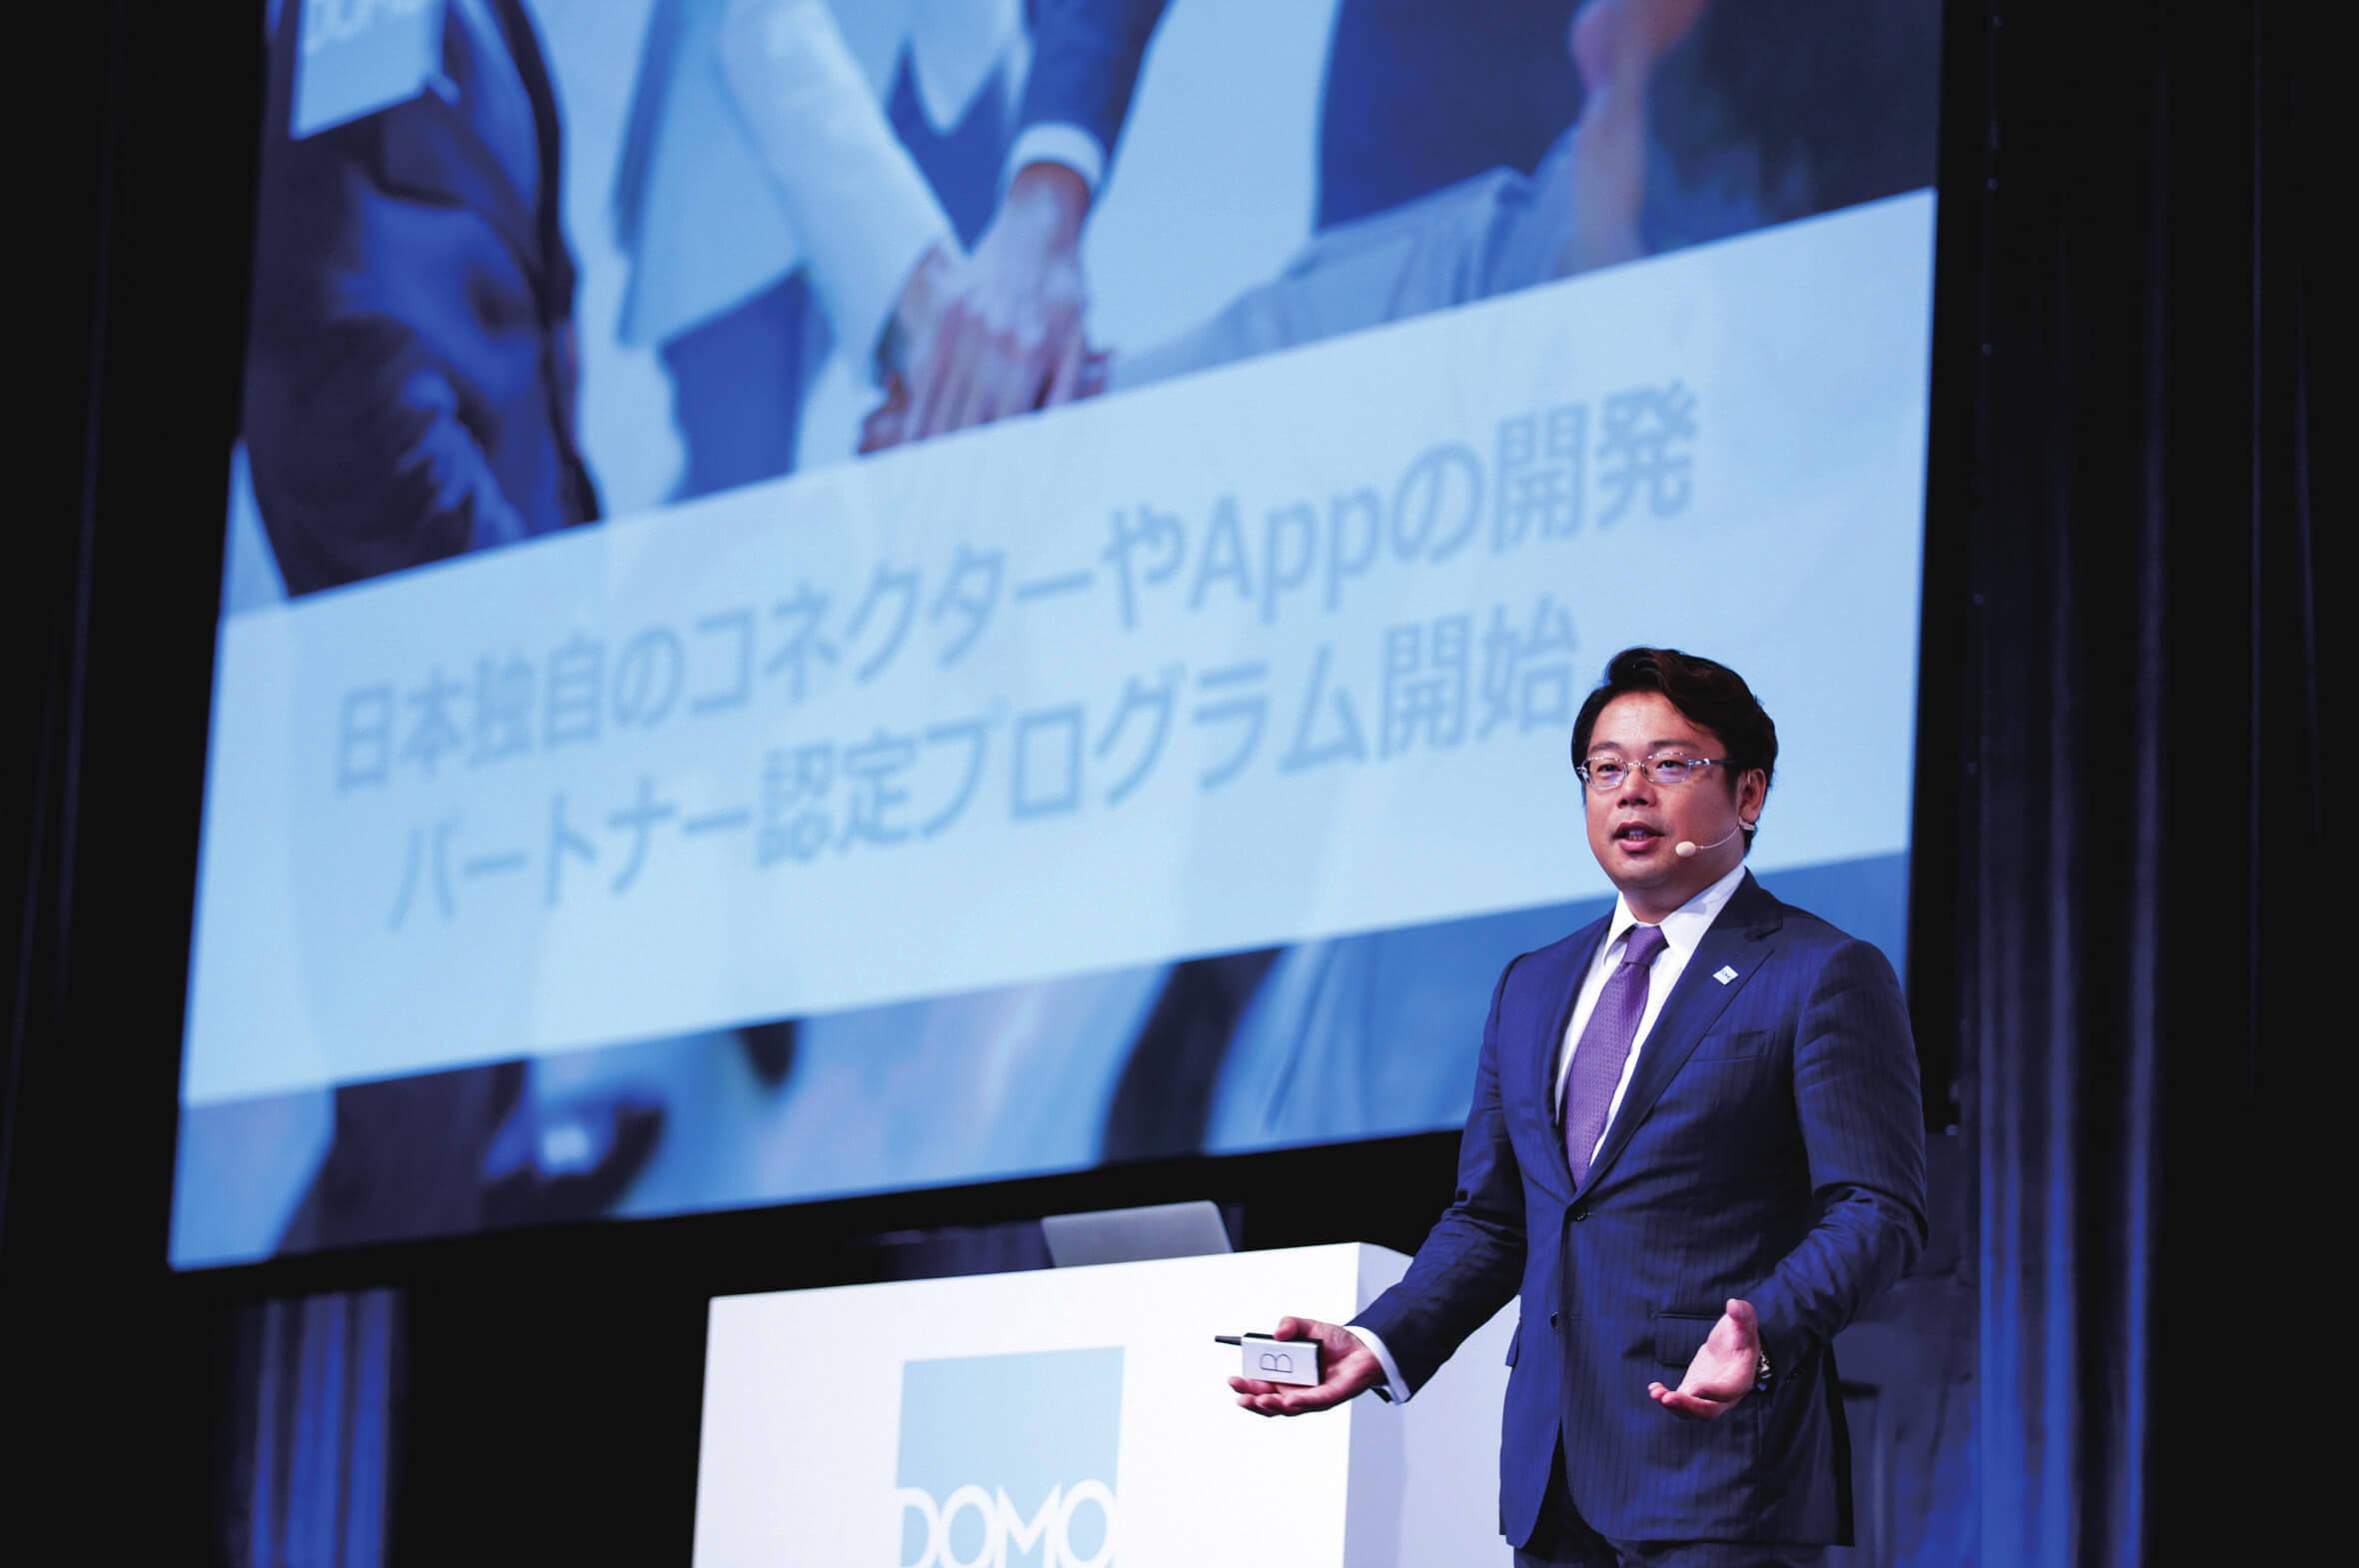 最強のデータ経営:経営者が社外の誰かに見せたくなる、今までにない光景でイノベーションを確信